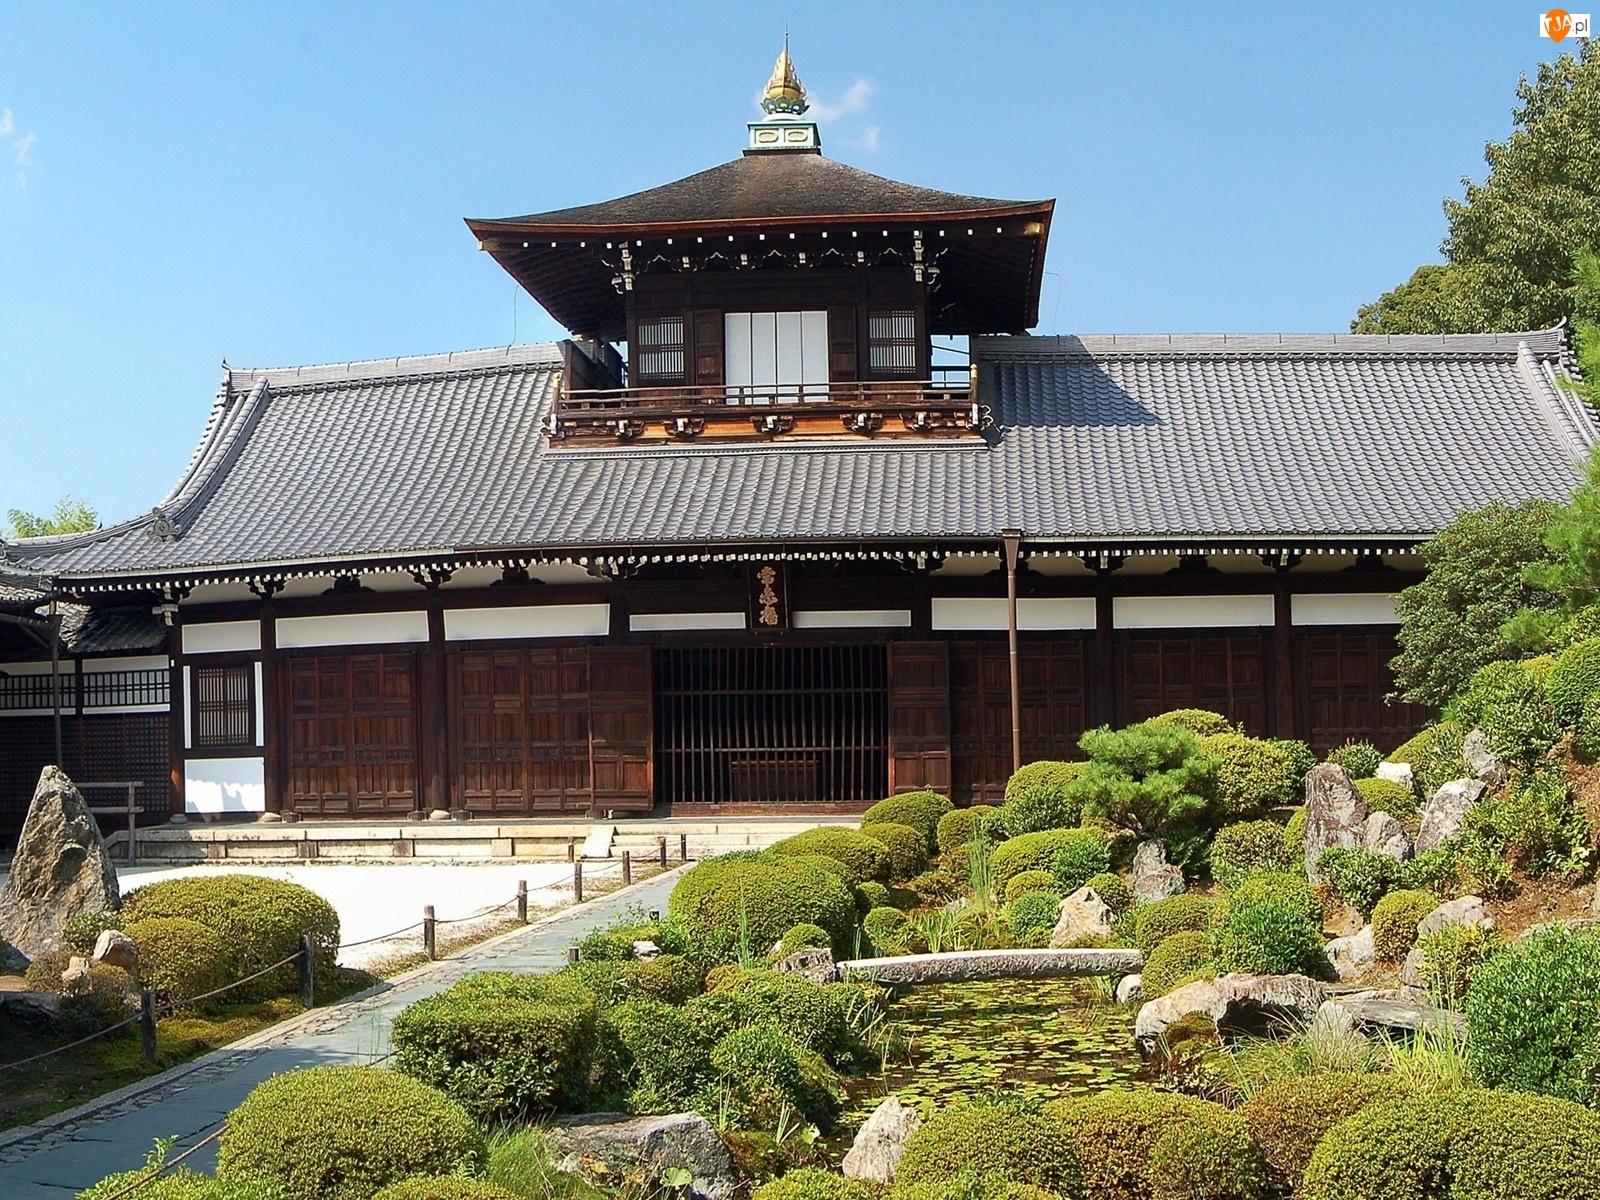 Krzewy, Japonia, Ogród, Dom, Kamienie